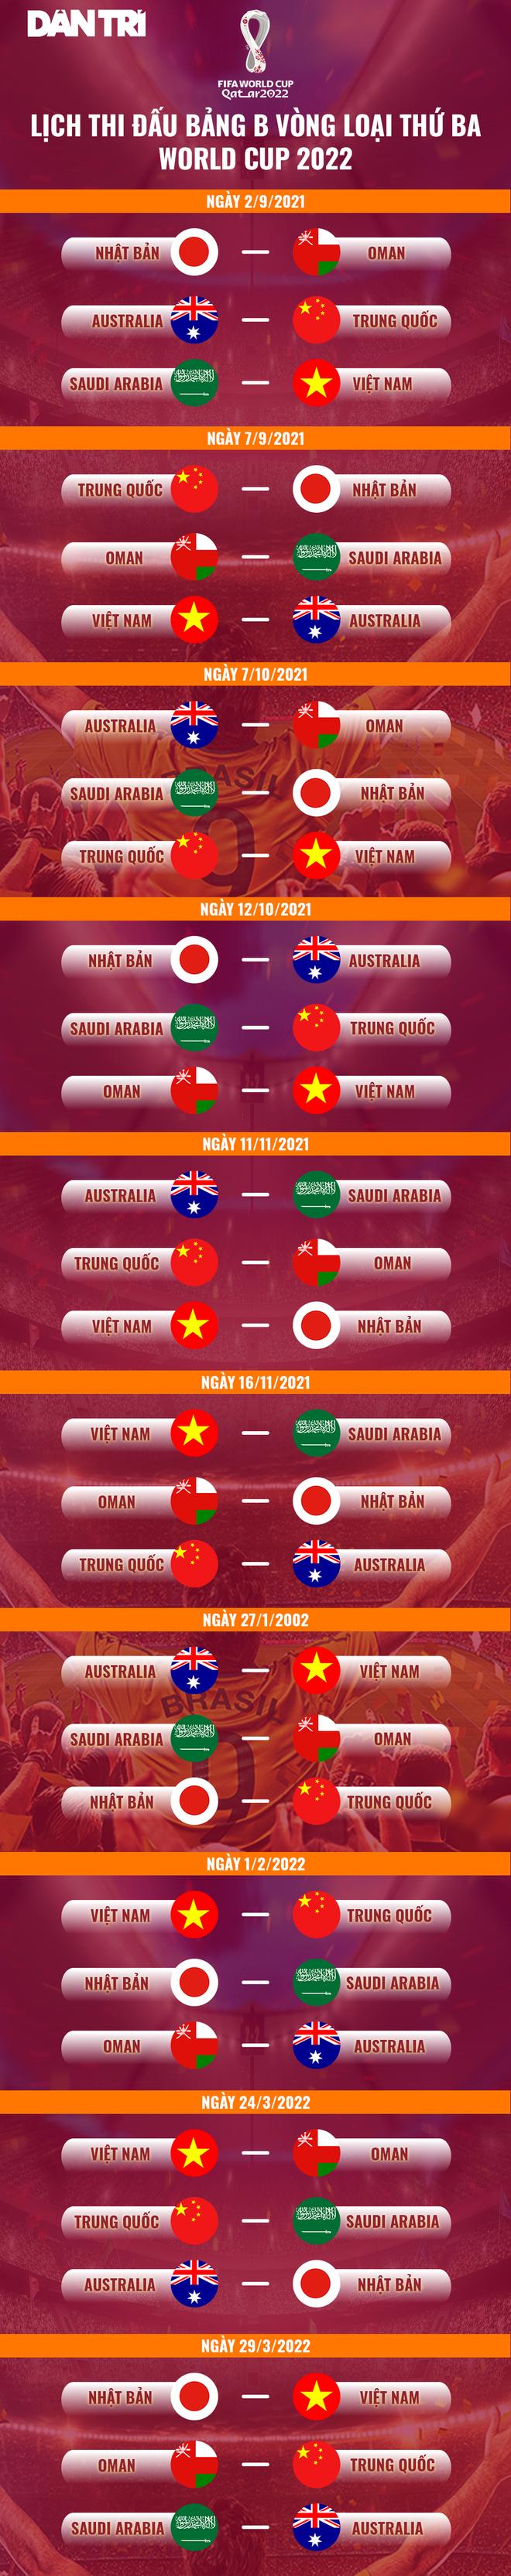 Ngôi sao bóng đá Lào tin đội tuyển Việt Nam sẽ thắng Trung Quốc - ảnh 2